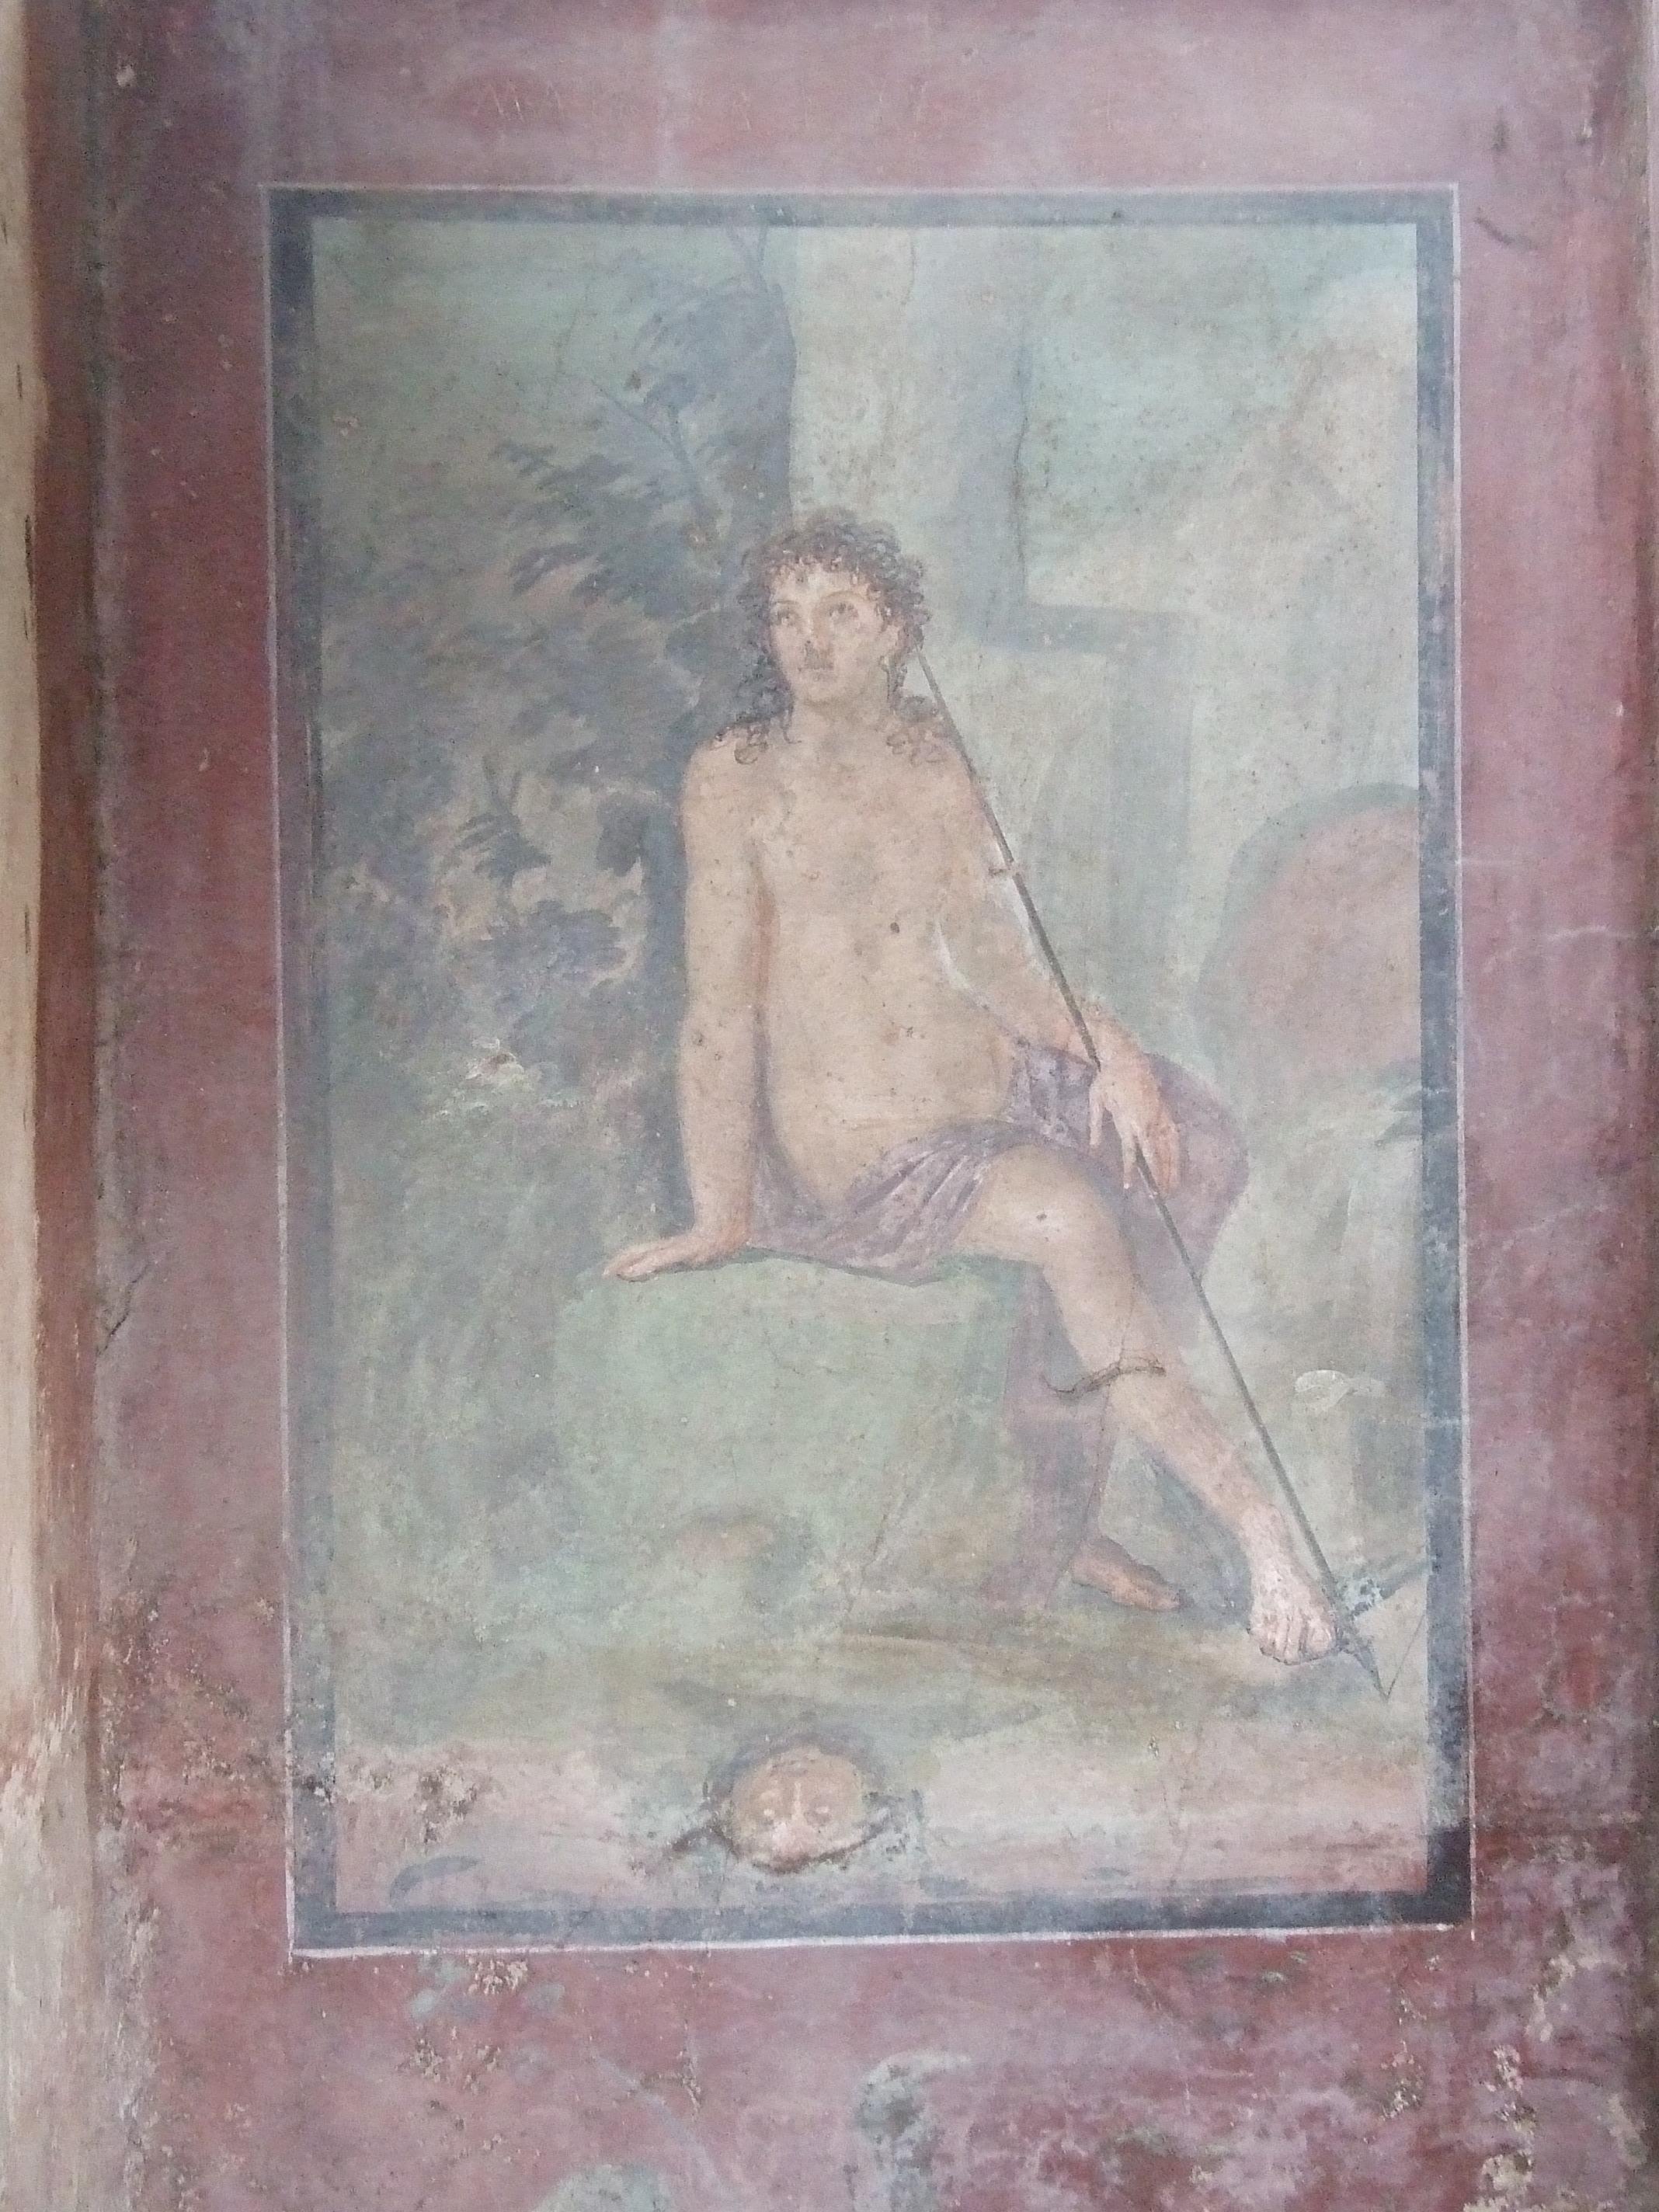 Narcissus%2C_mural%2C_Pompeii.jpg